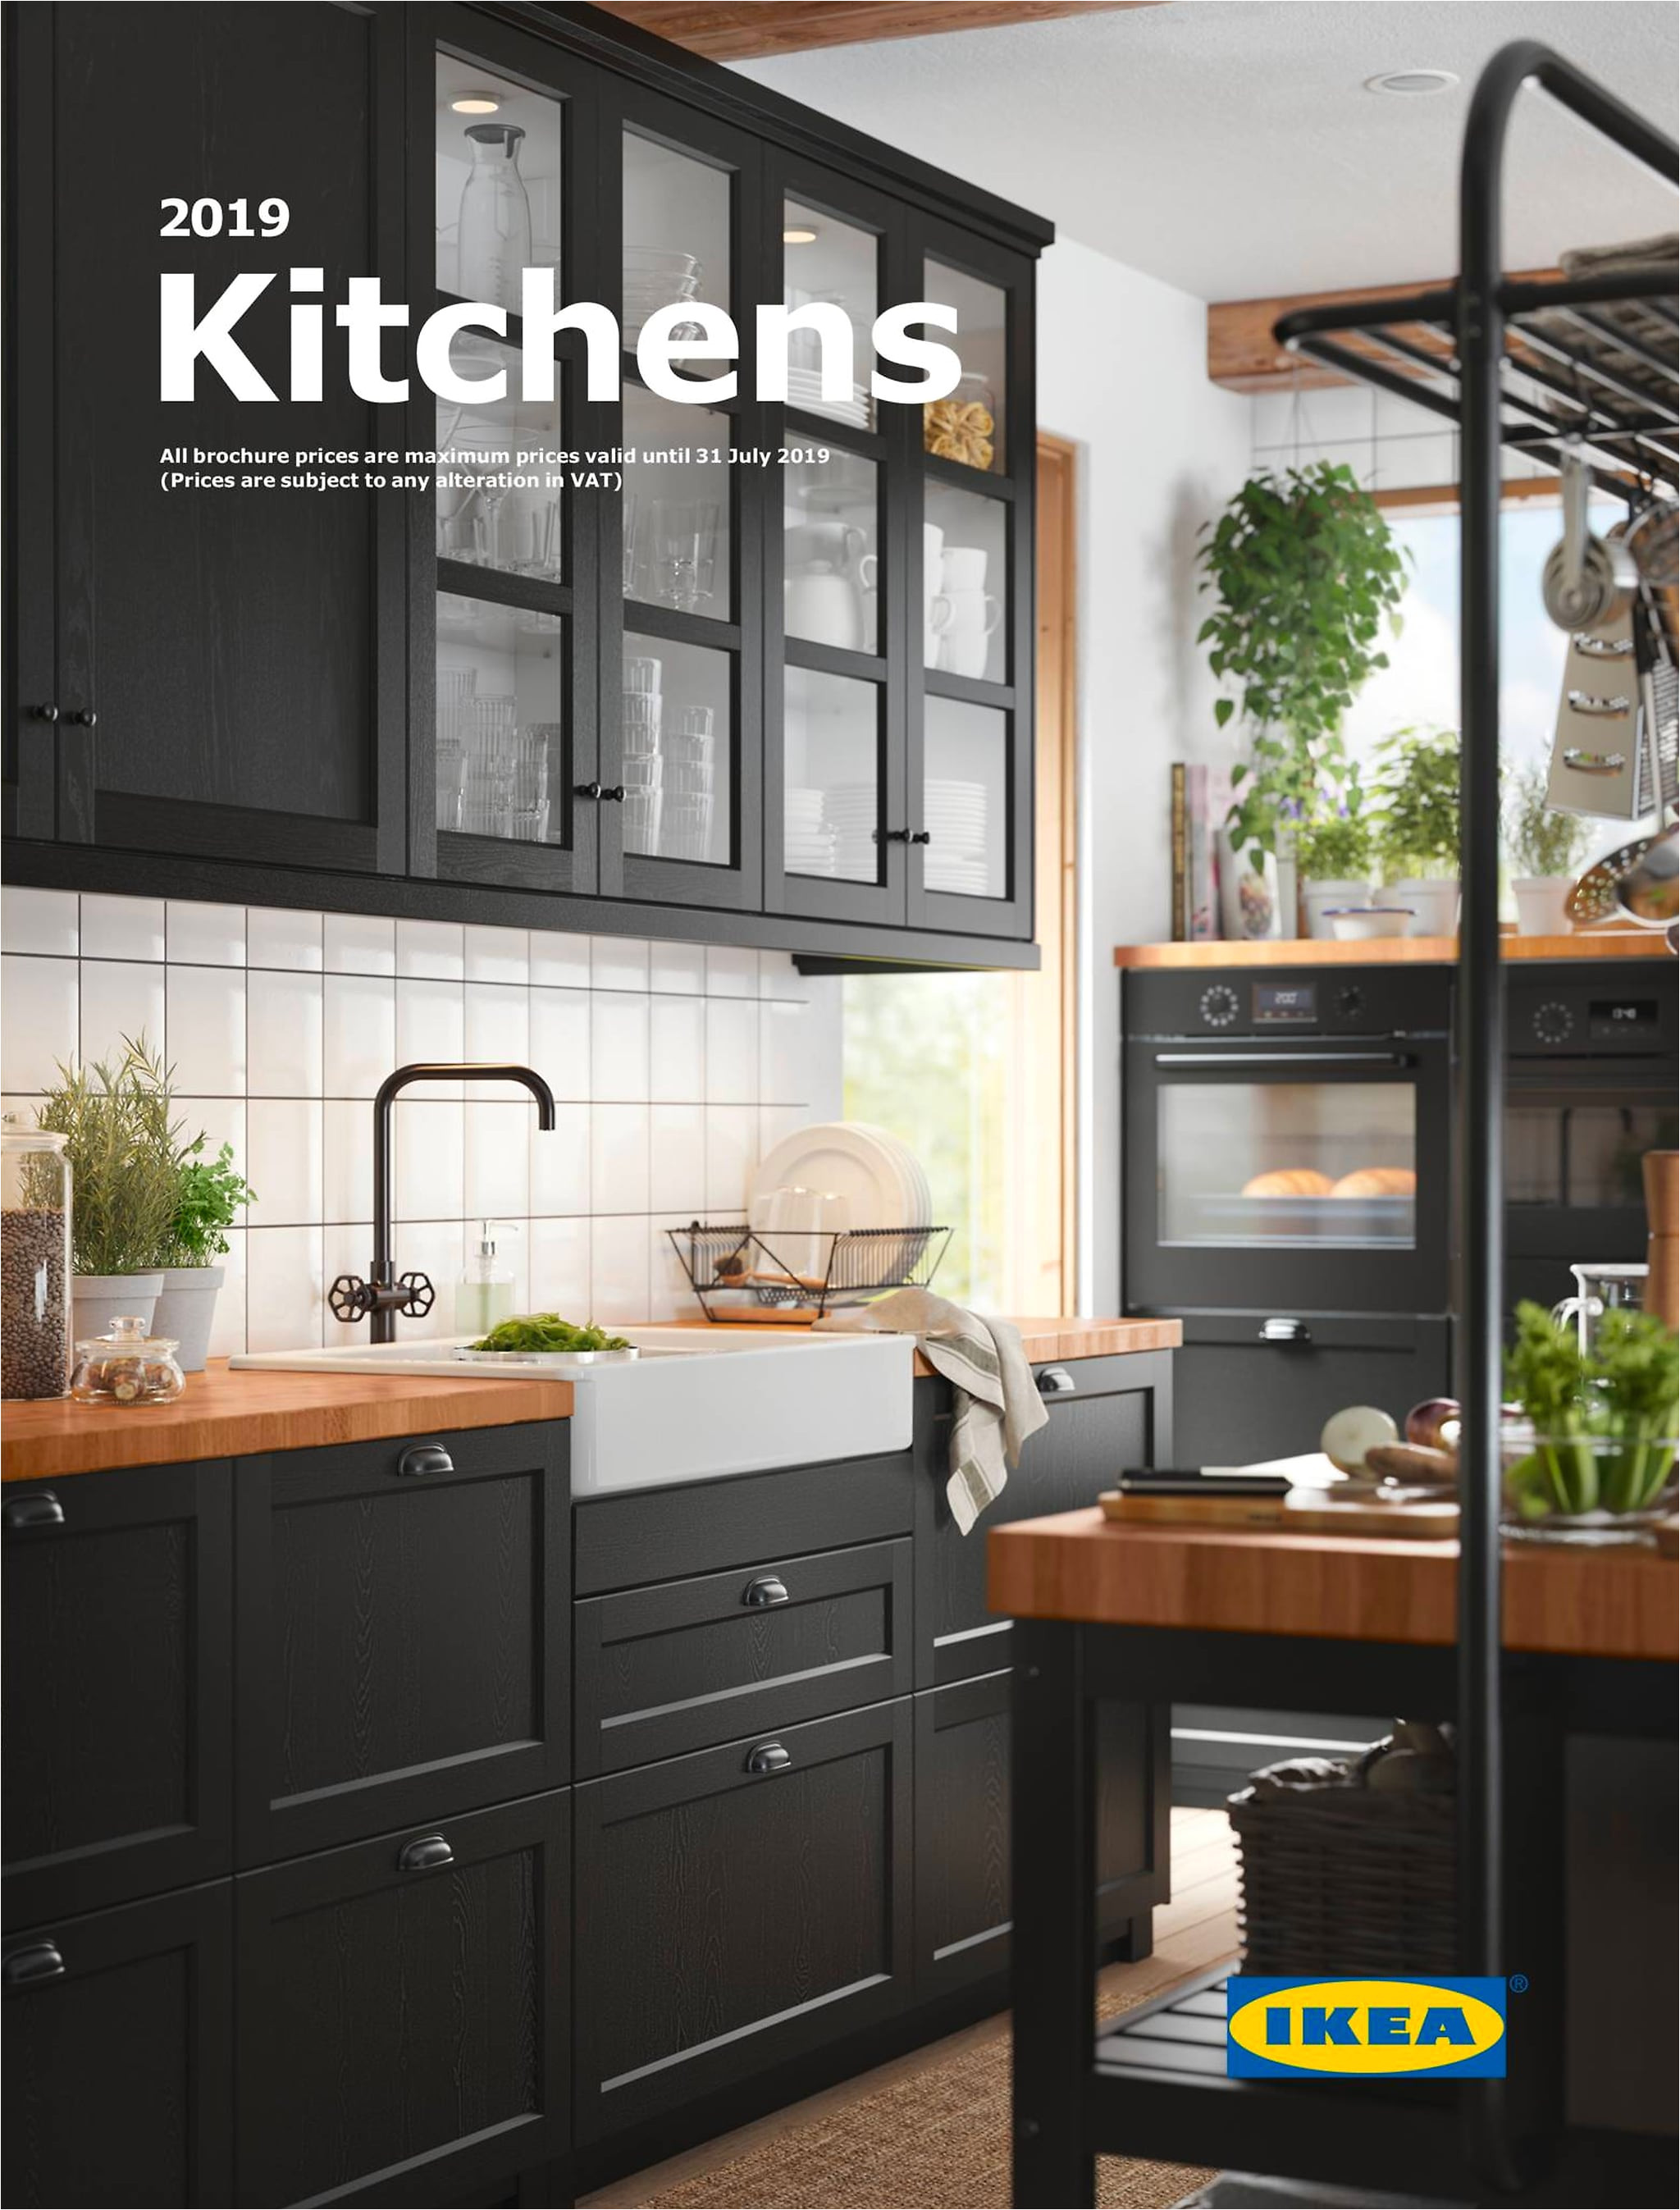 Cucina Planner-Ikea - Forum Arredamento.it